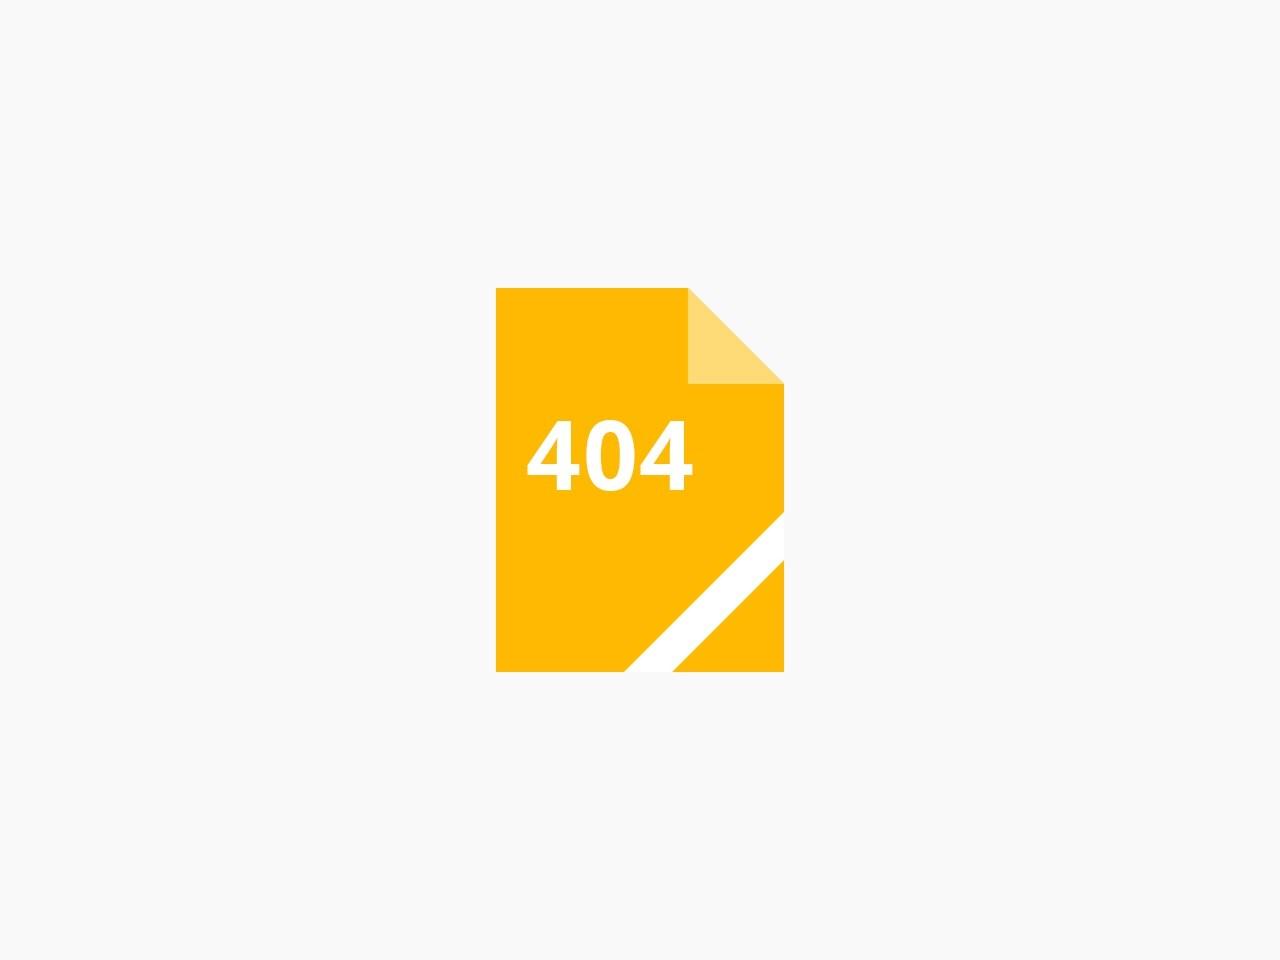 连云港市政府网